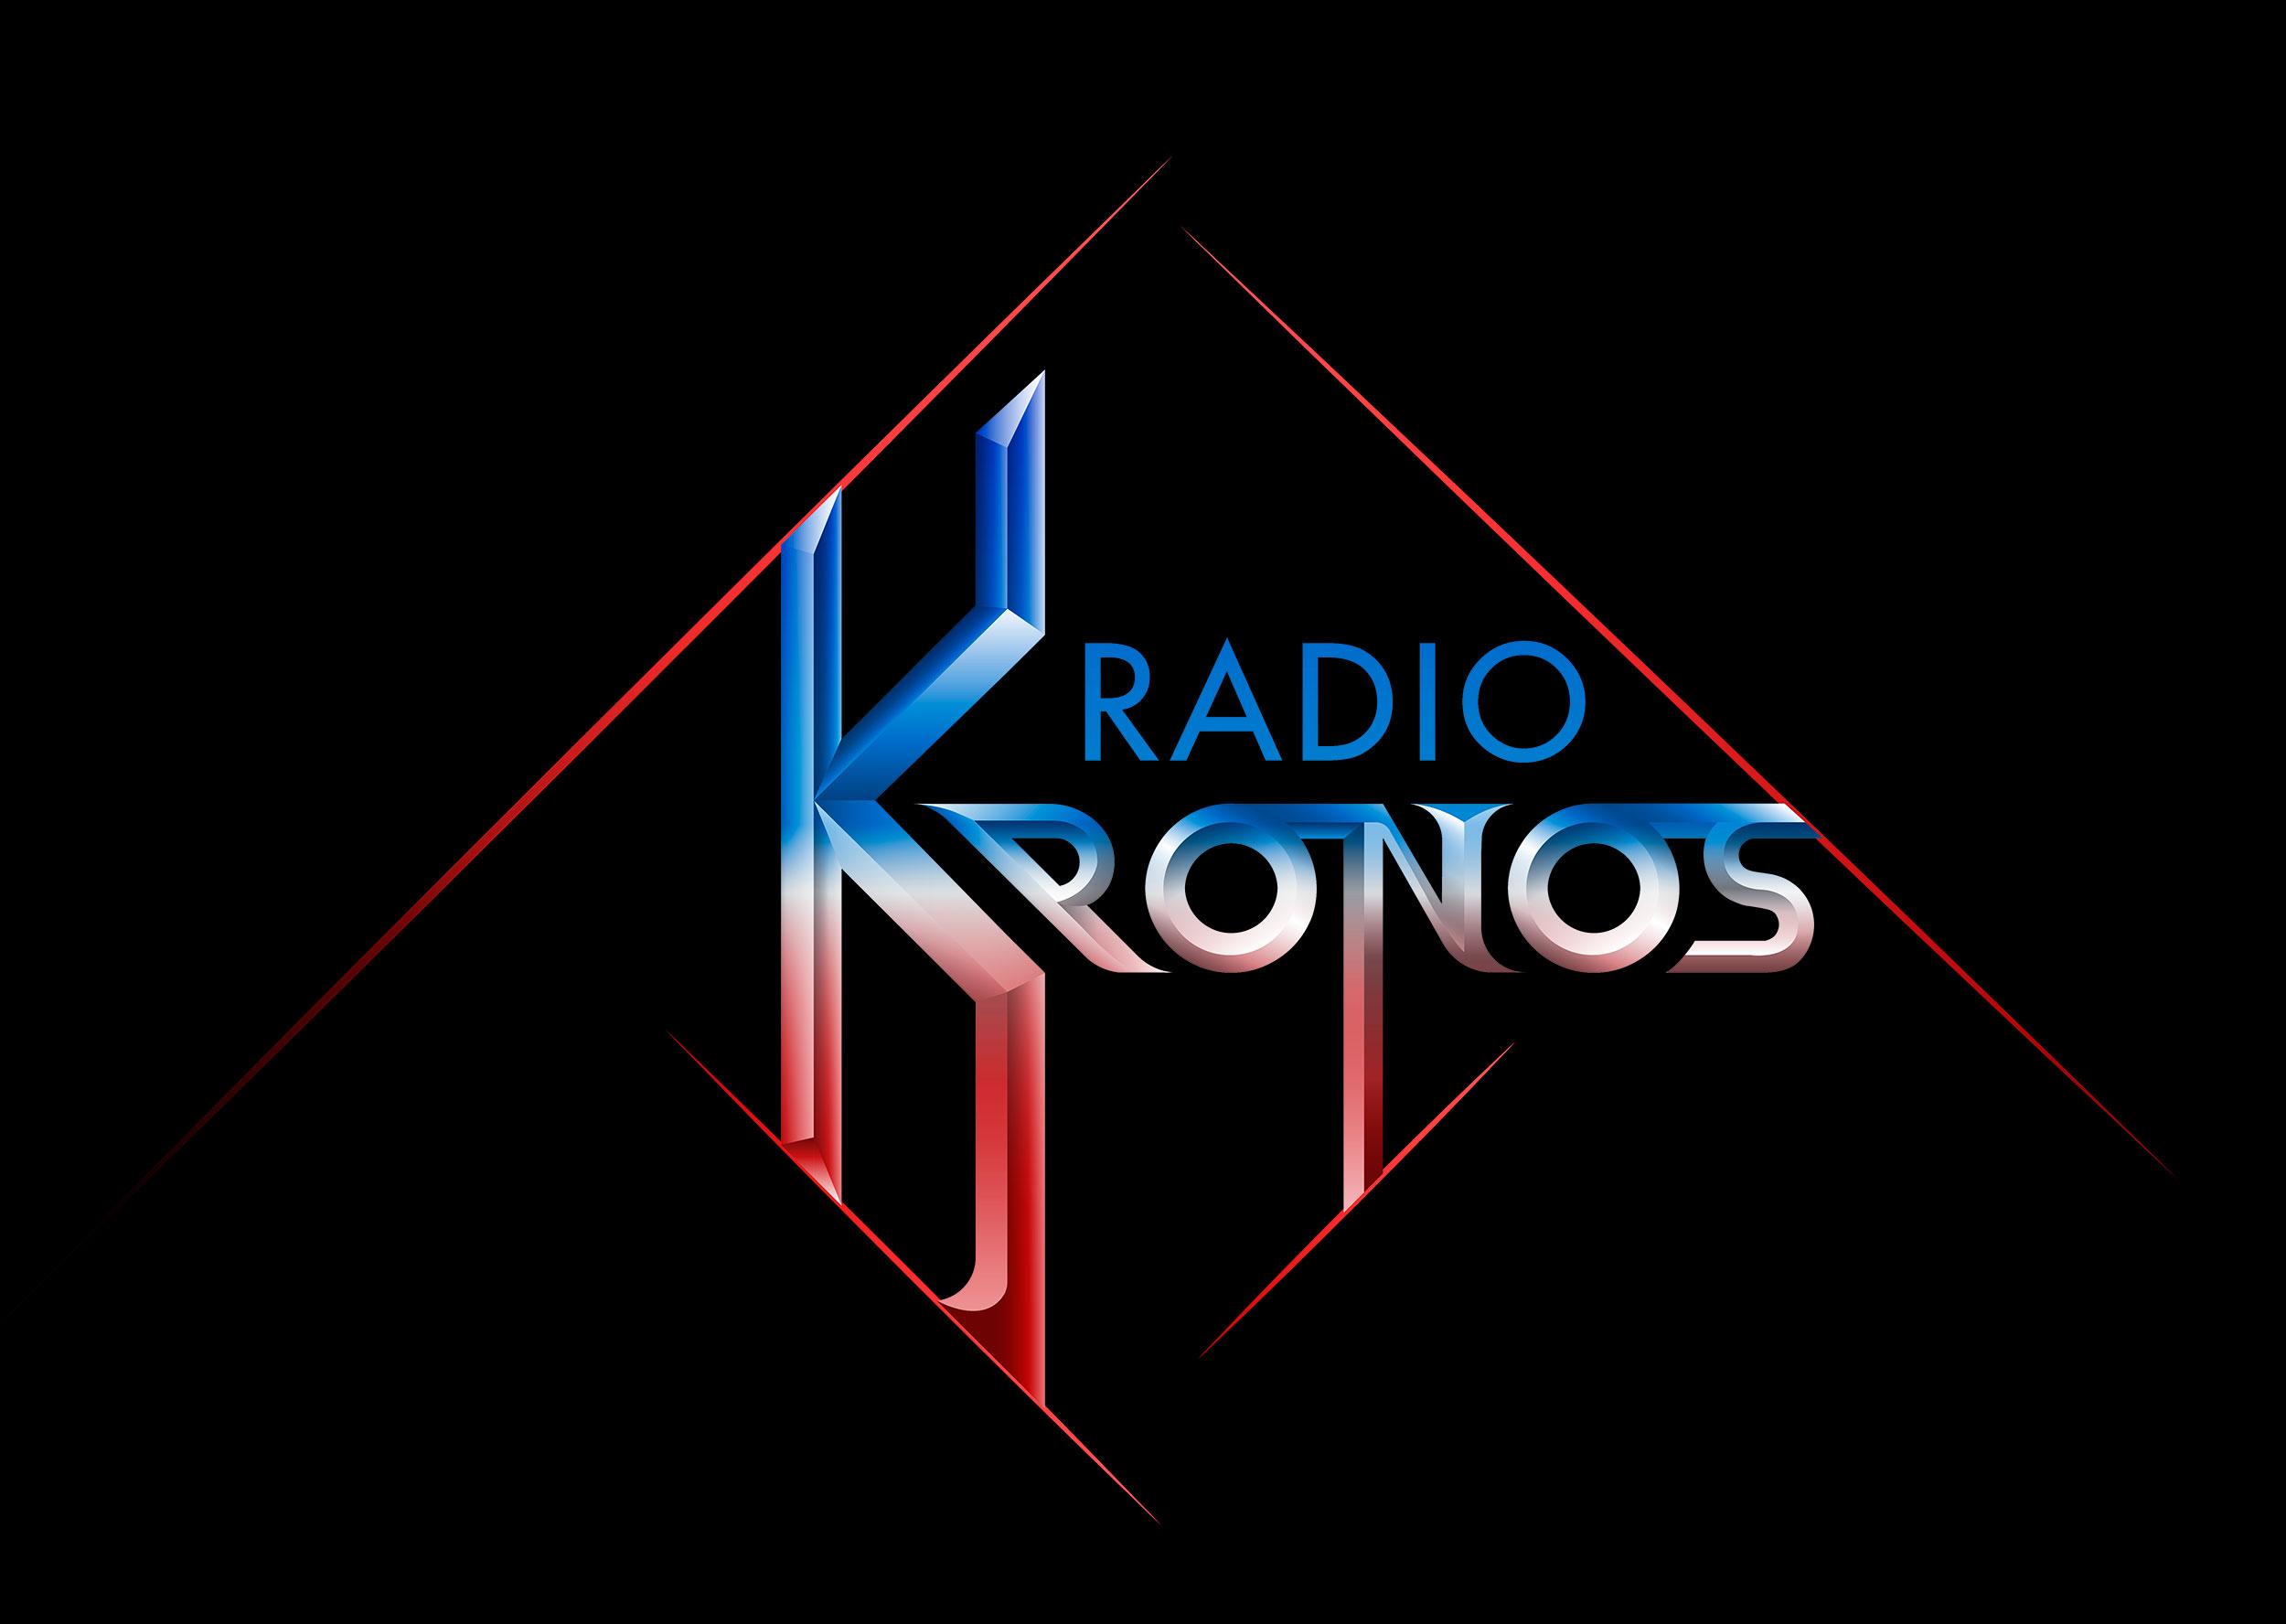 RADIO KRONOS EN VIVO